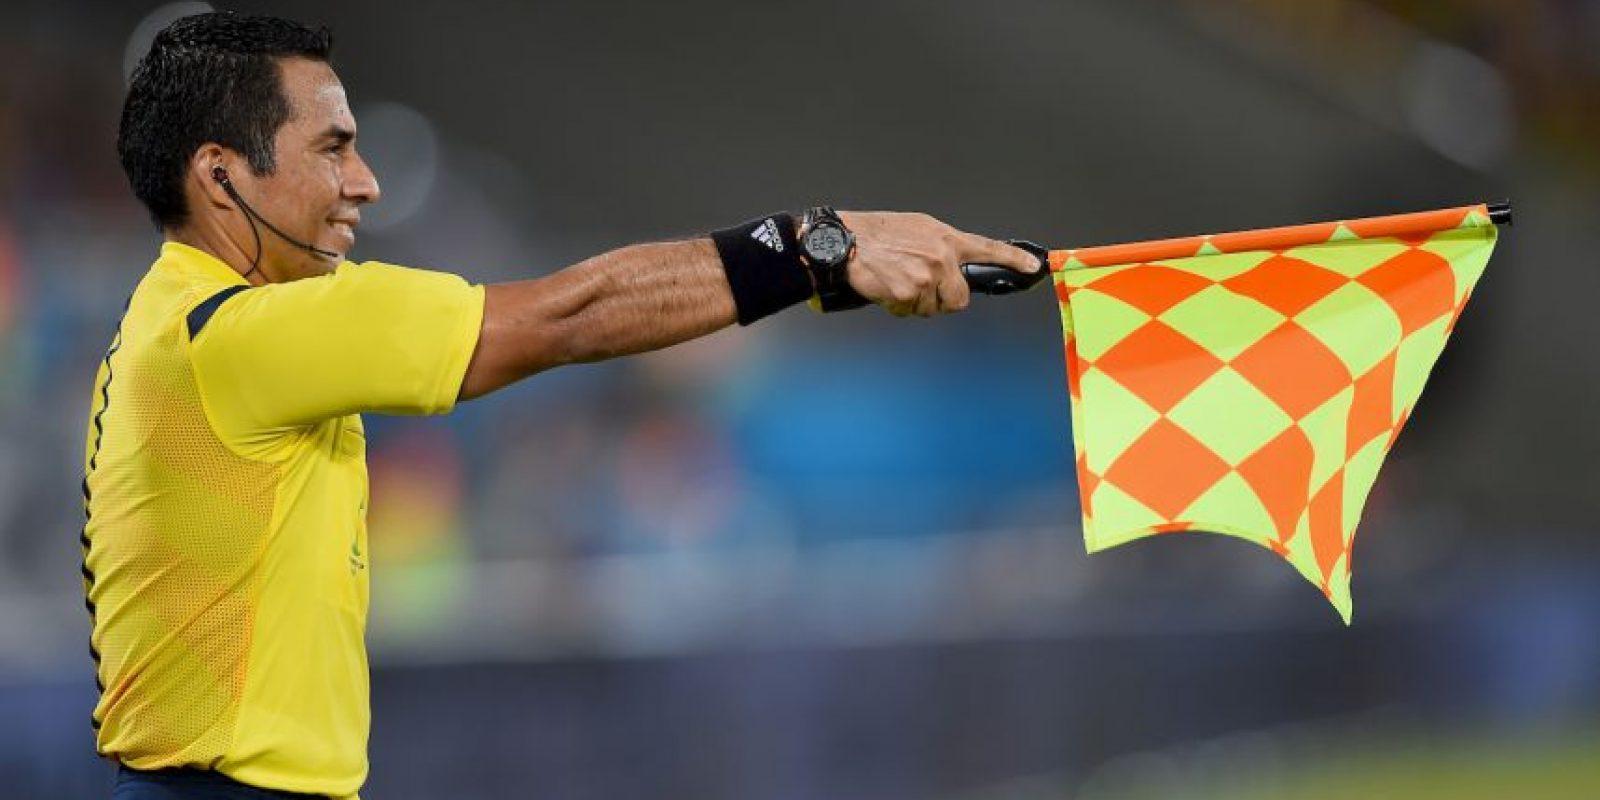 Estos son las polémicas arbitrales más escandalosas en la historia del fútbol. Foto:Getty Images